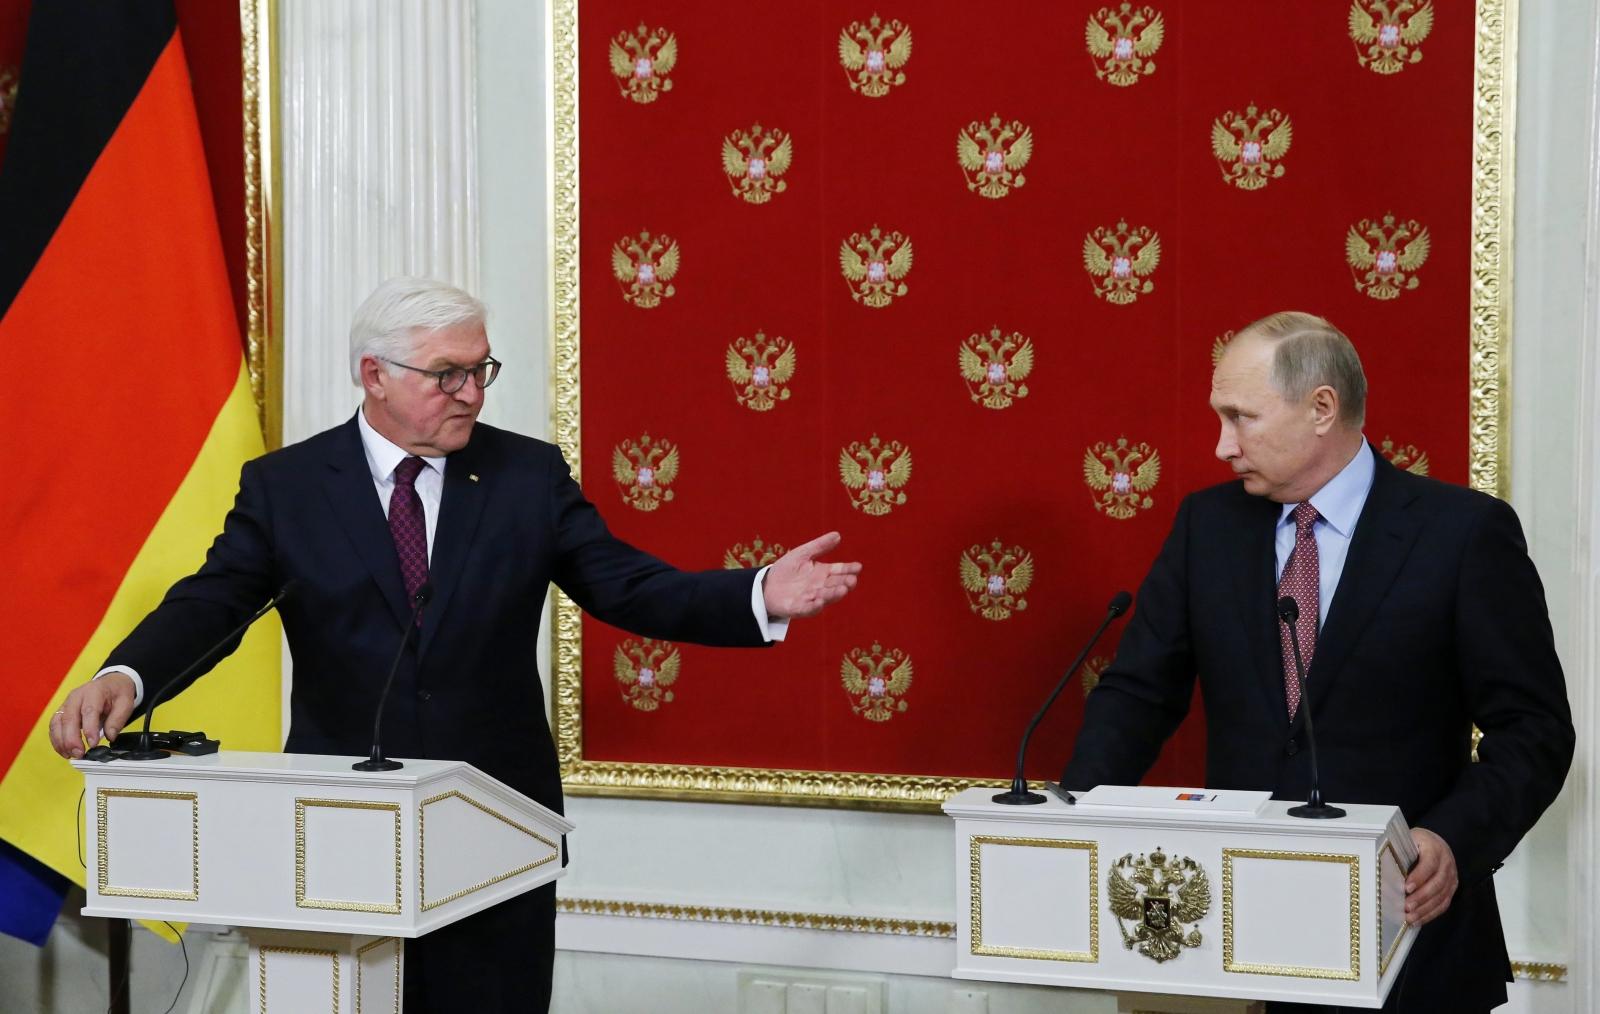 Spotkanie Rosyjskich i Niemieckich władz w Moskwie